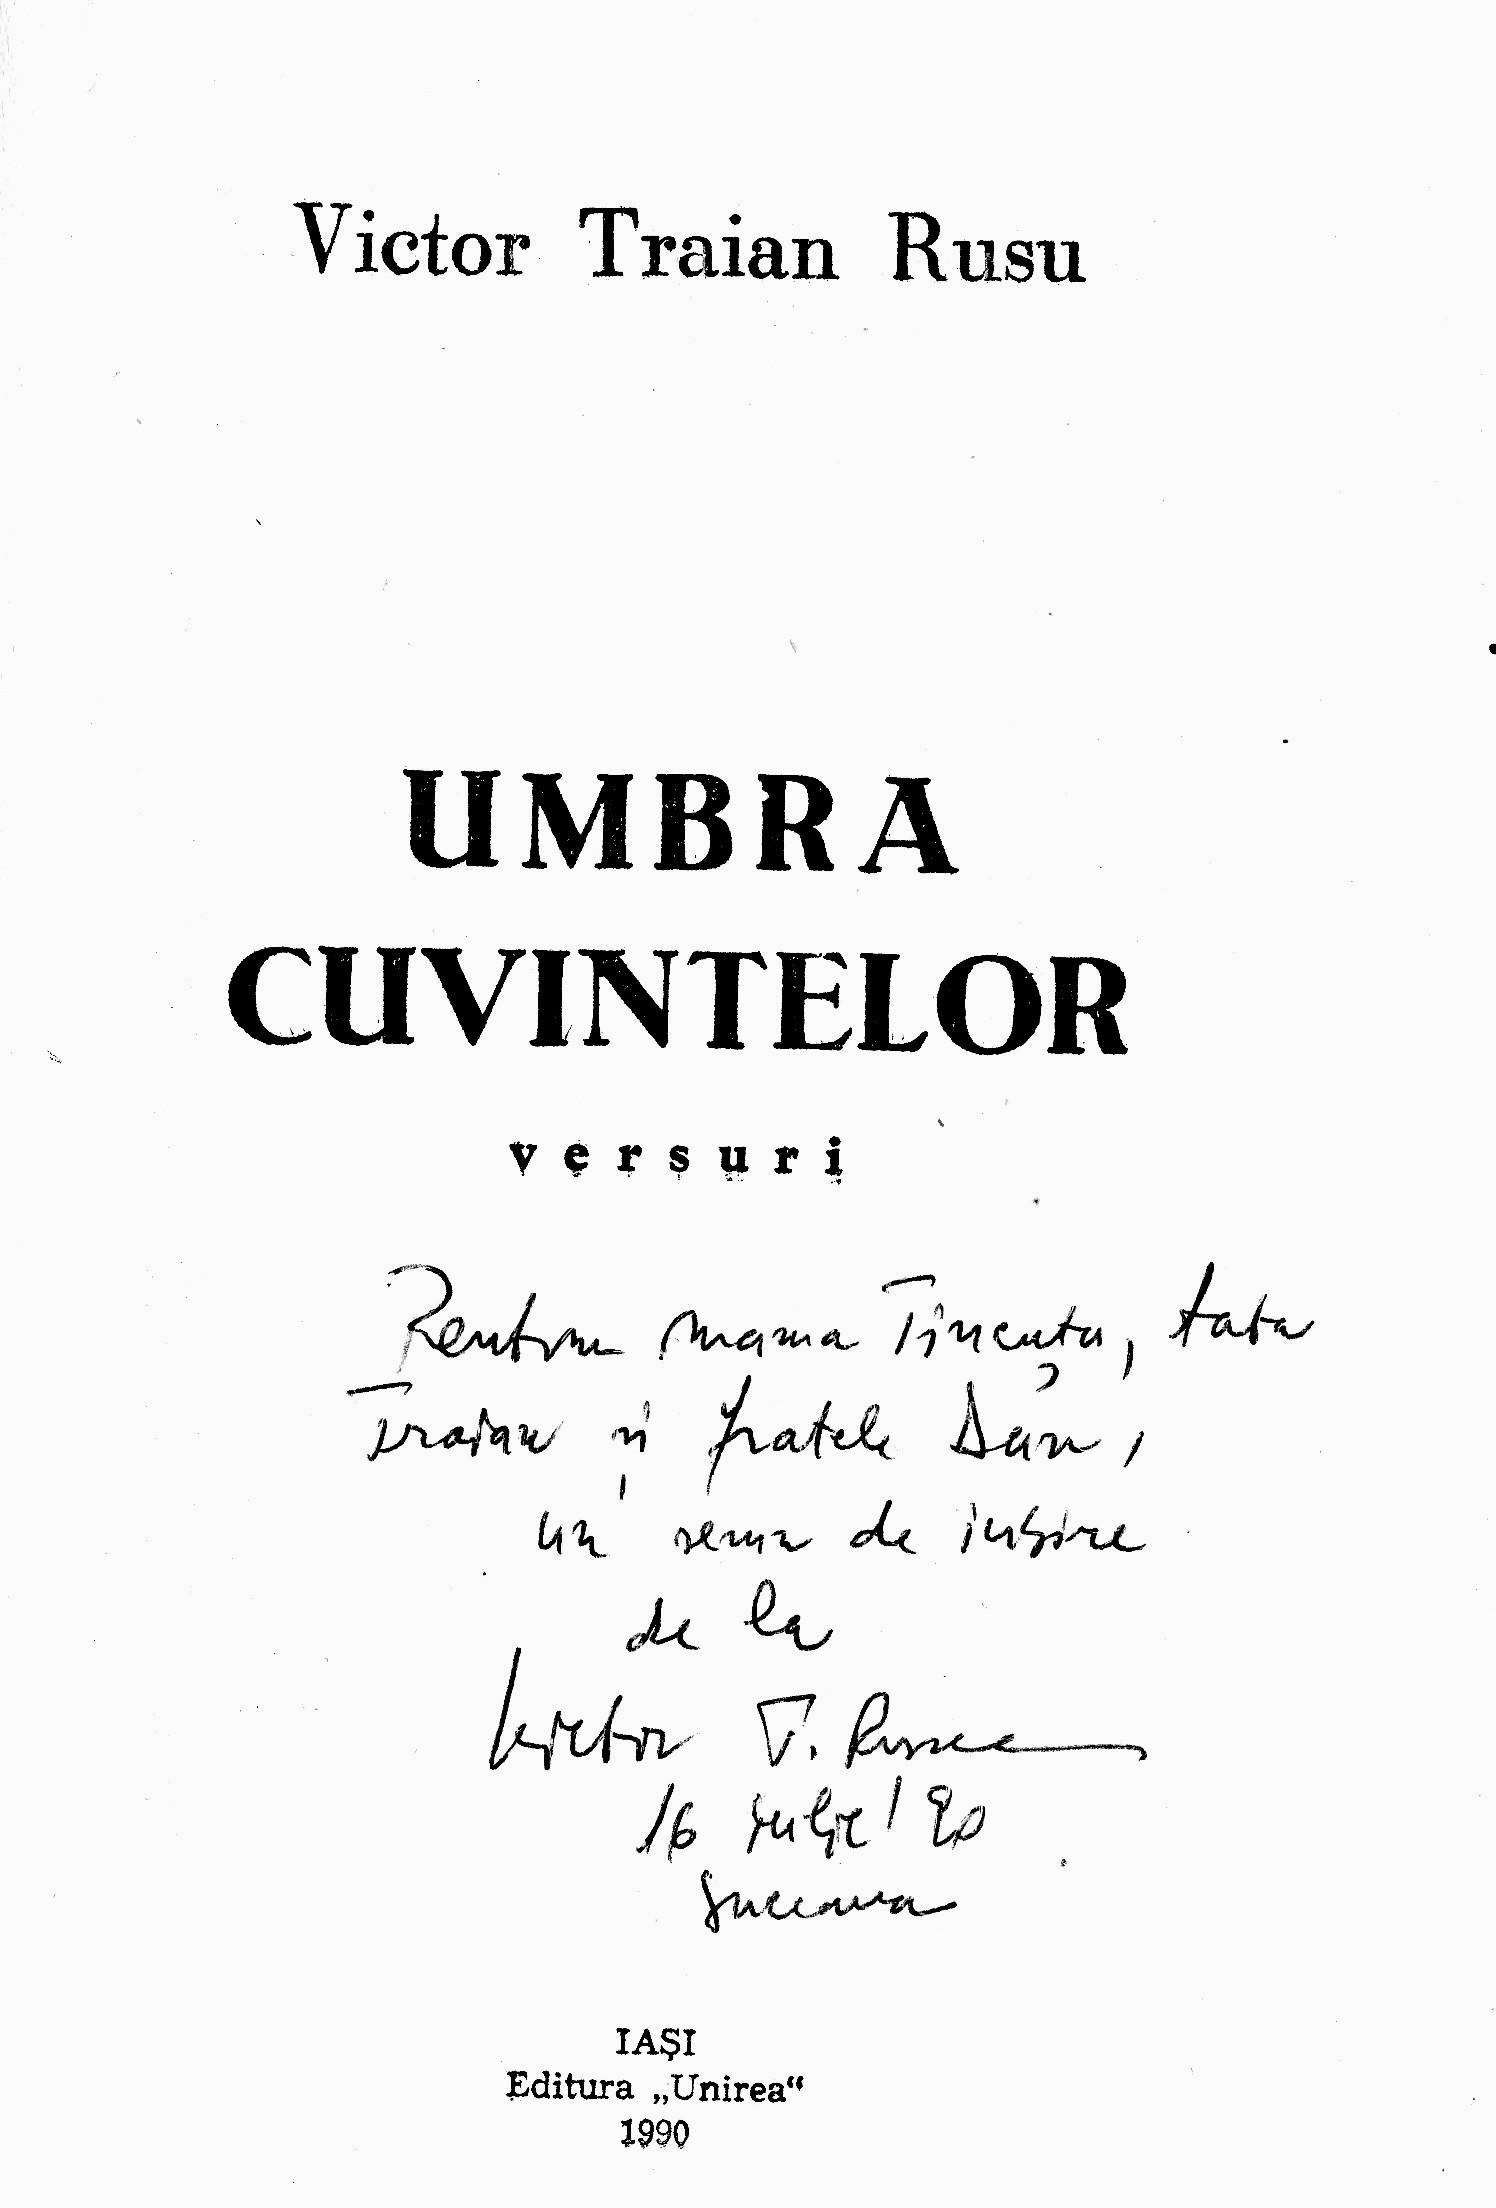 """Coperta interioară a cărţii """"Umbra cuvintelor"""", de Victor T. Rusu; coperta experioară, făcută de Ion Carp Fluierici s-a pierdut... odată cu originalele lucrărilor"""